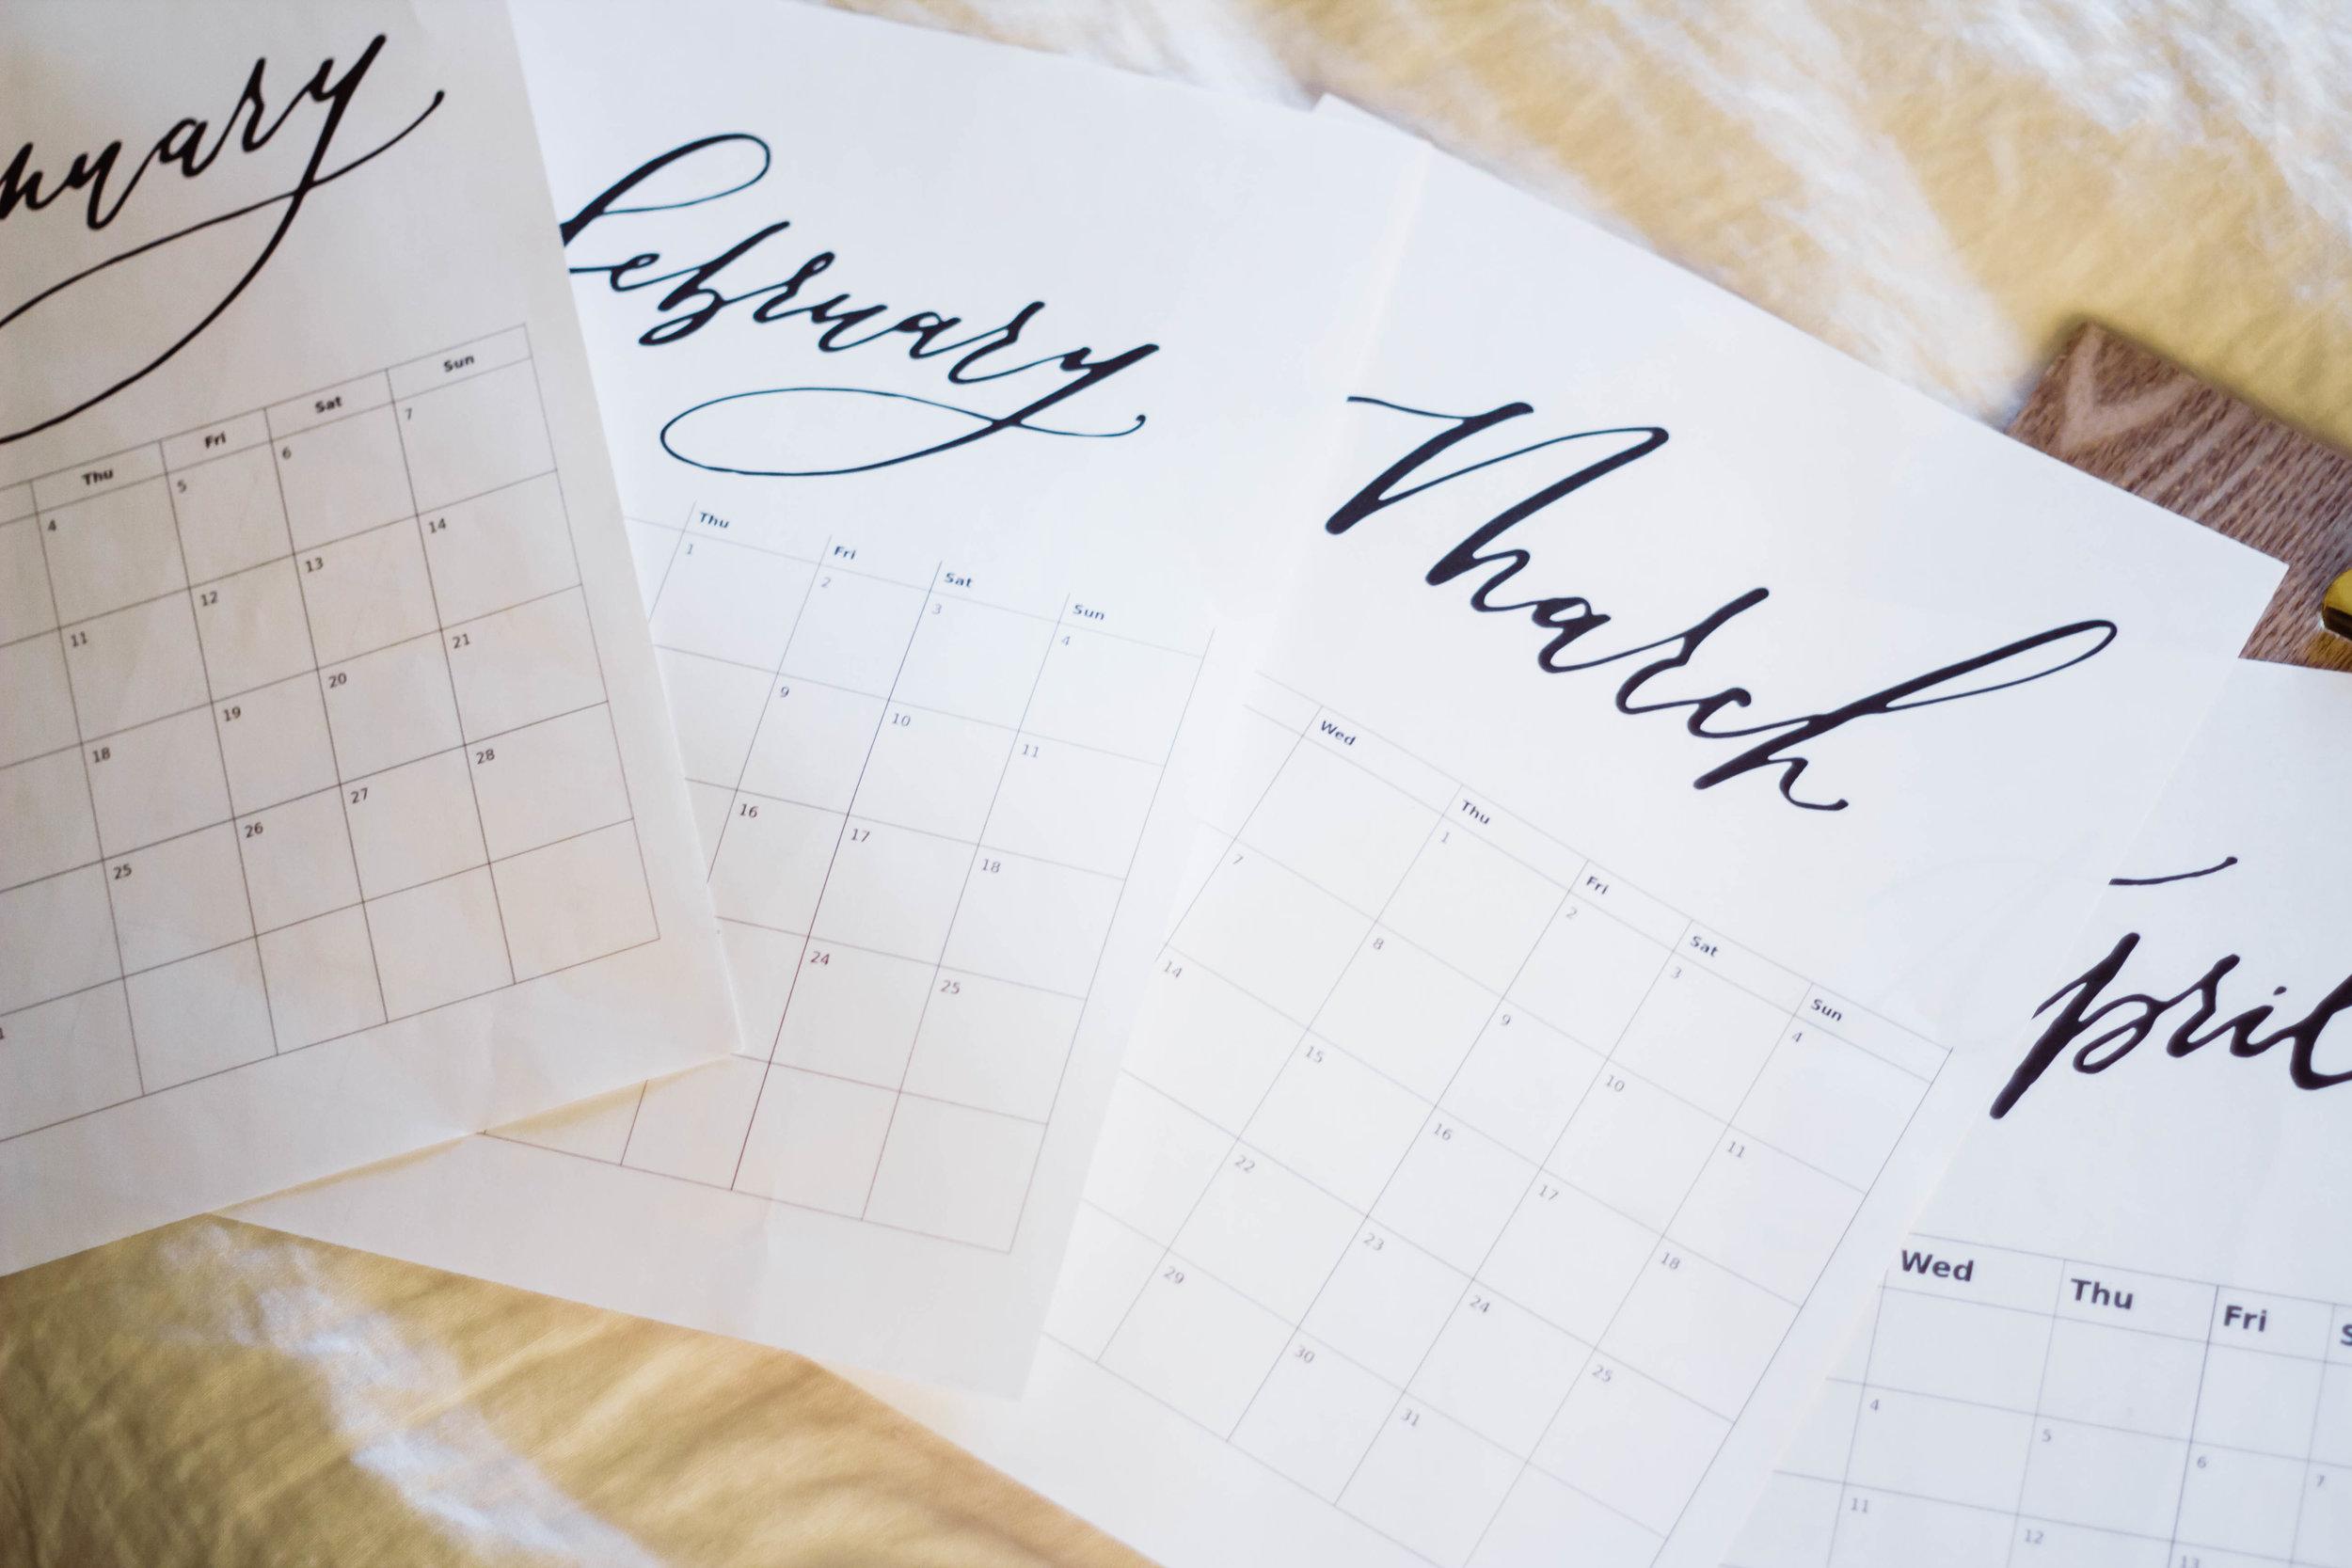 calendar pics-2.jpg